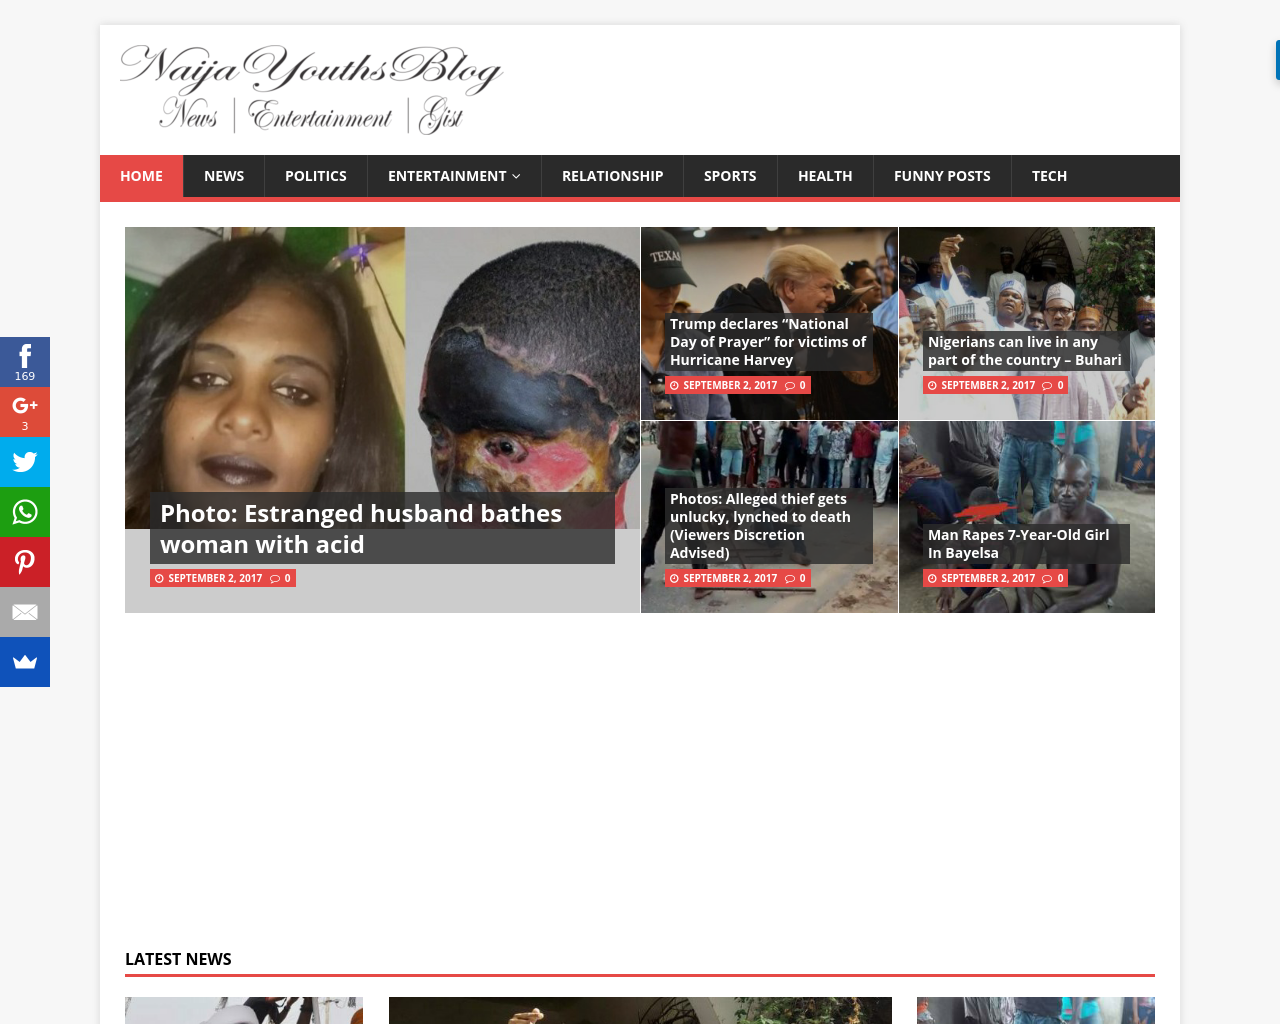 Naija-Youths-Blog-Advertising-Reviews-Pricing